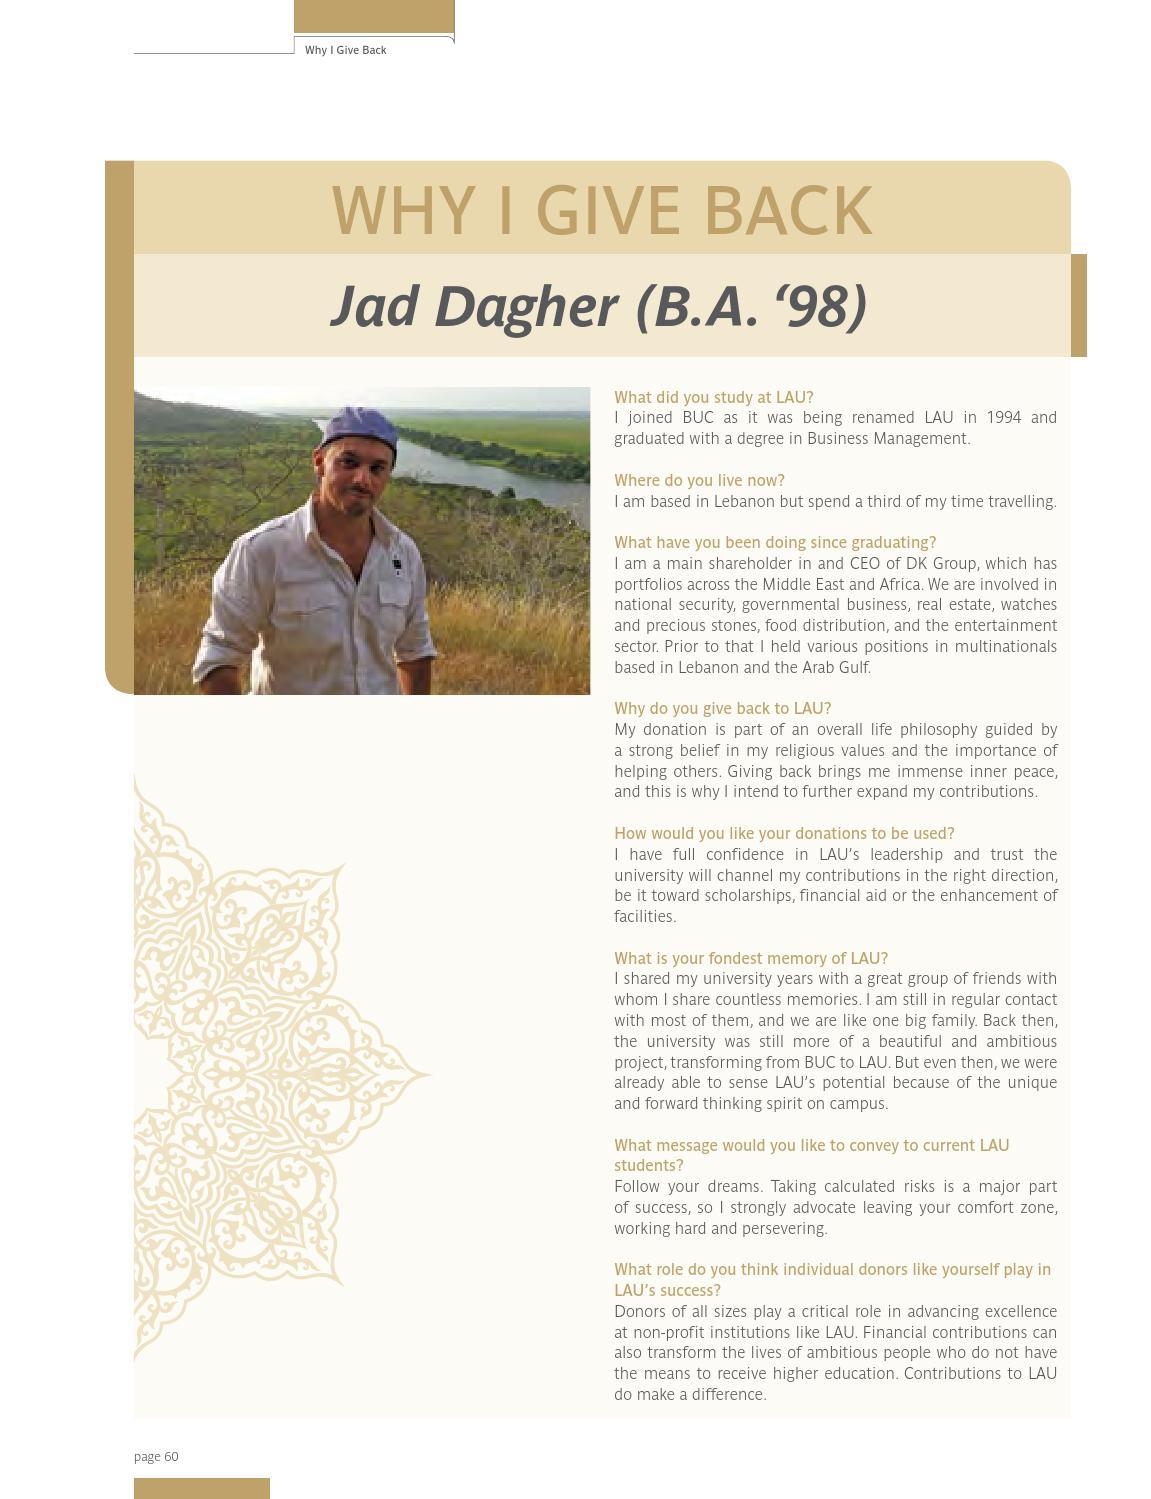 LAU Magazine & Alumni Bulletin (Fall 2013, Vol  15, Issue no  4) by